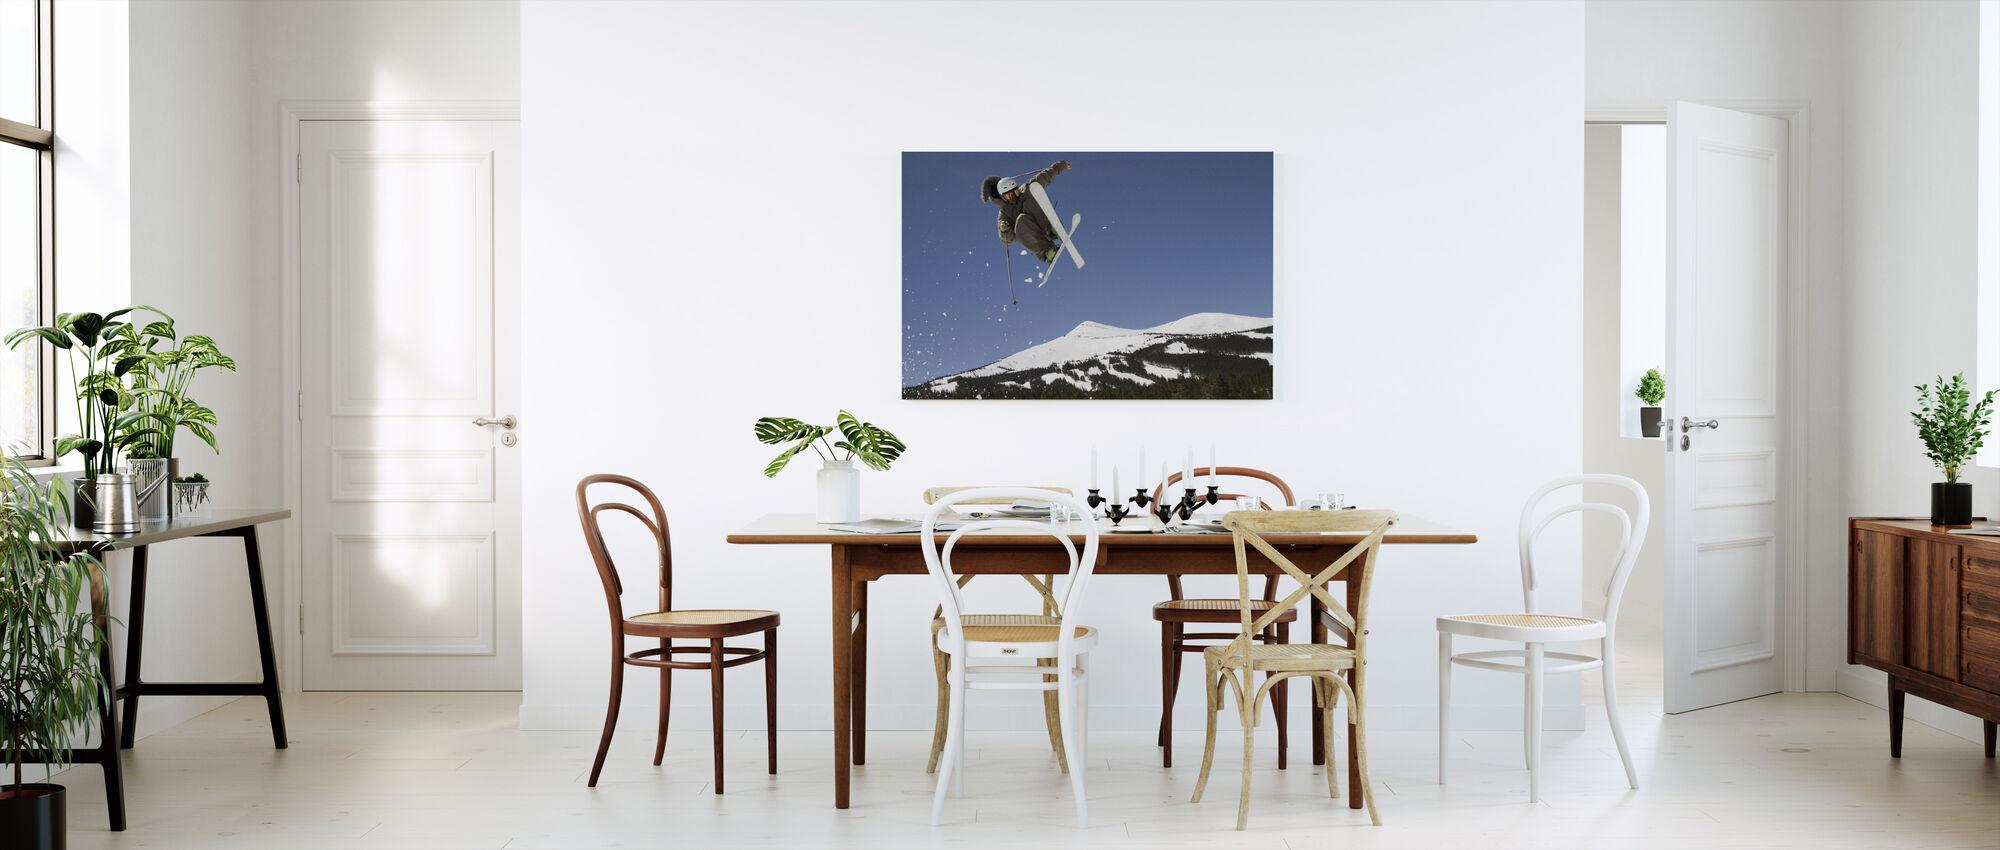 Superpipe Skier - Canvas print - Kitchen